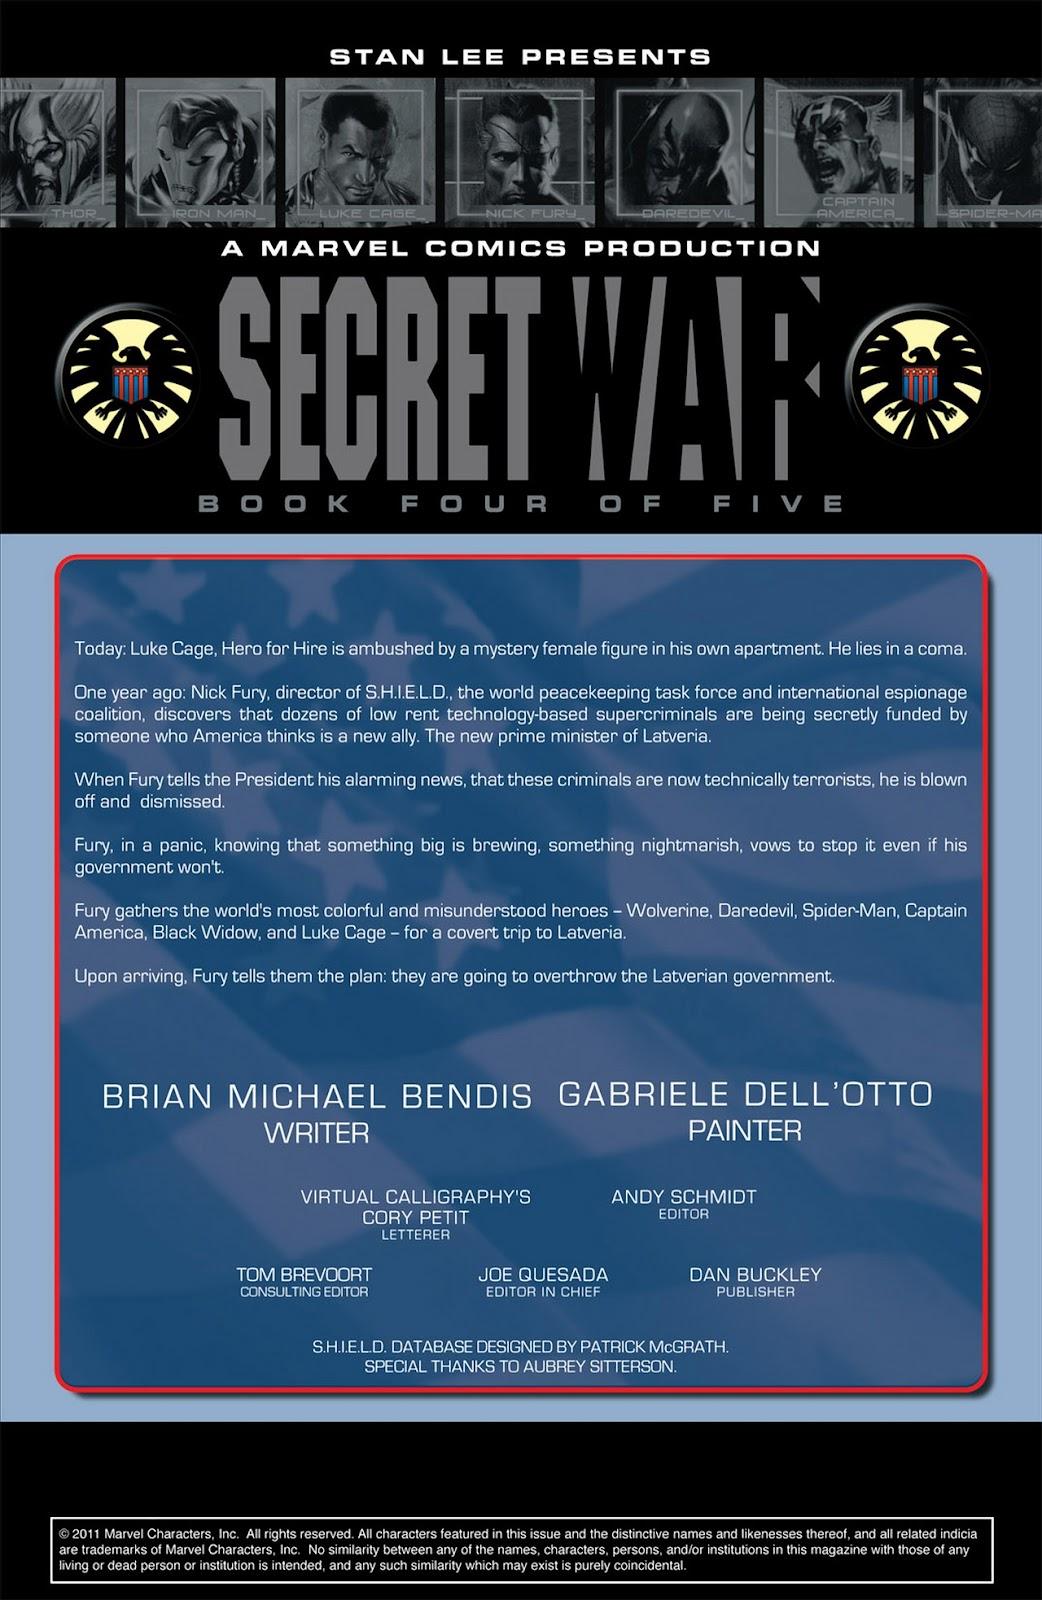 Read online Secret War comic -  Issue #4 - 2